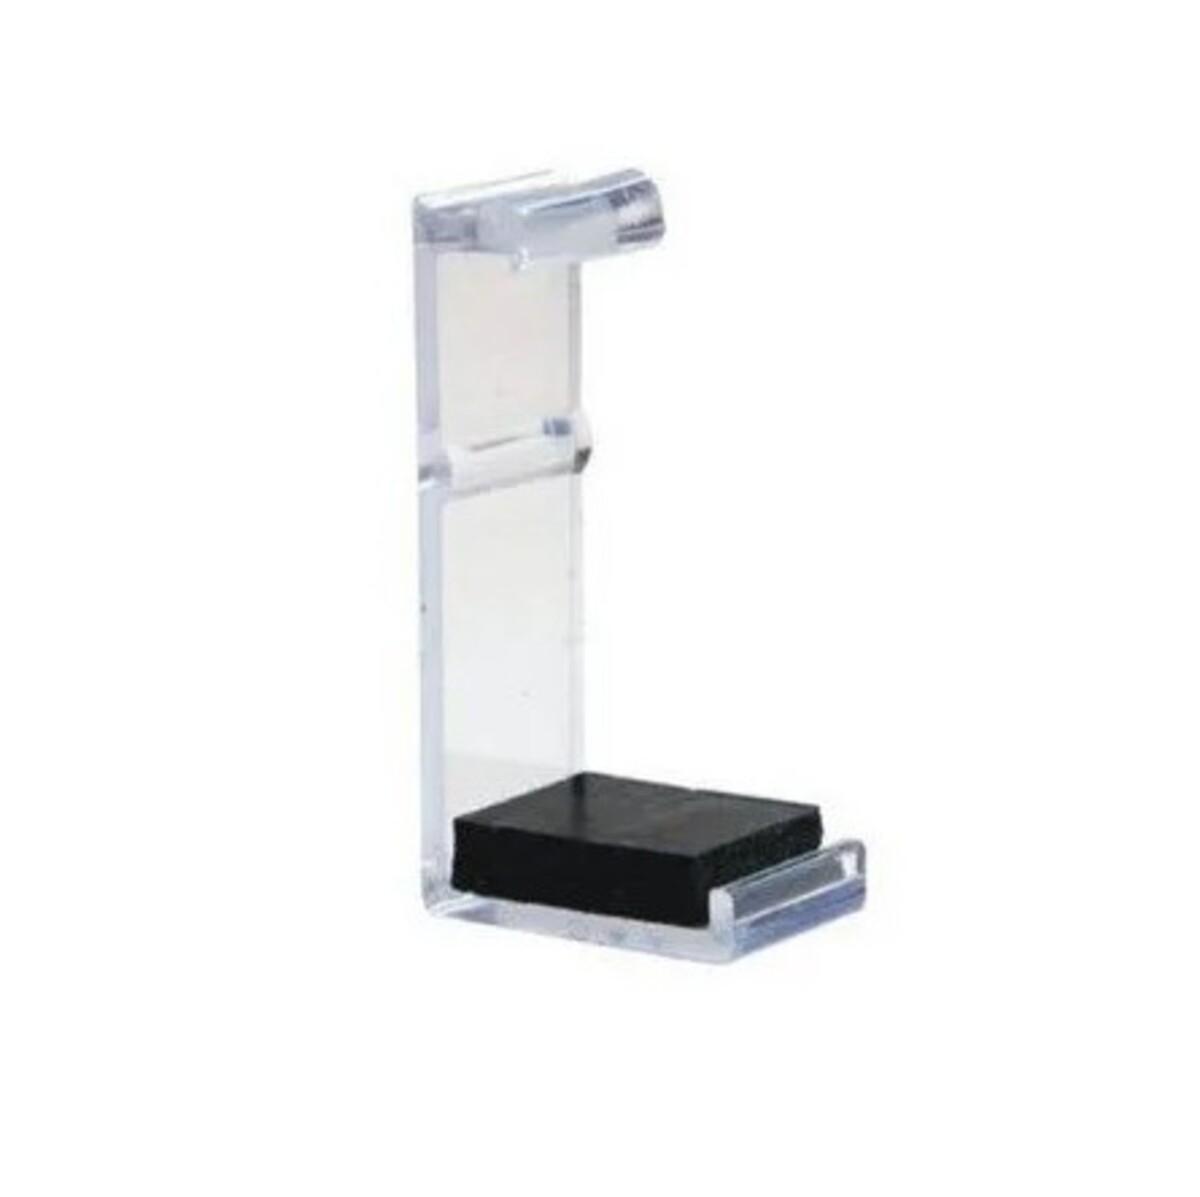 Pacote de Clipes para Cartucho HP Serie 21 com 100 Unidades Transparente